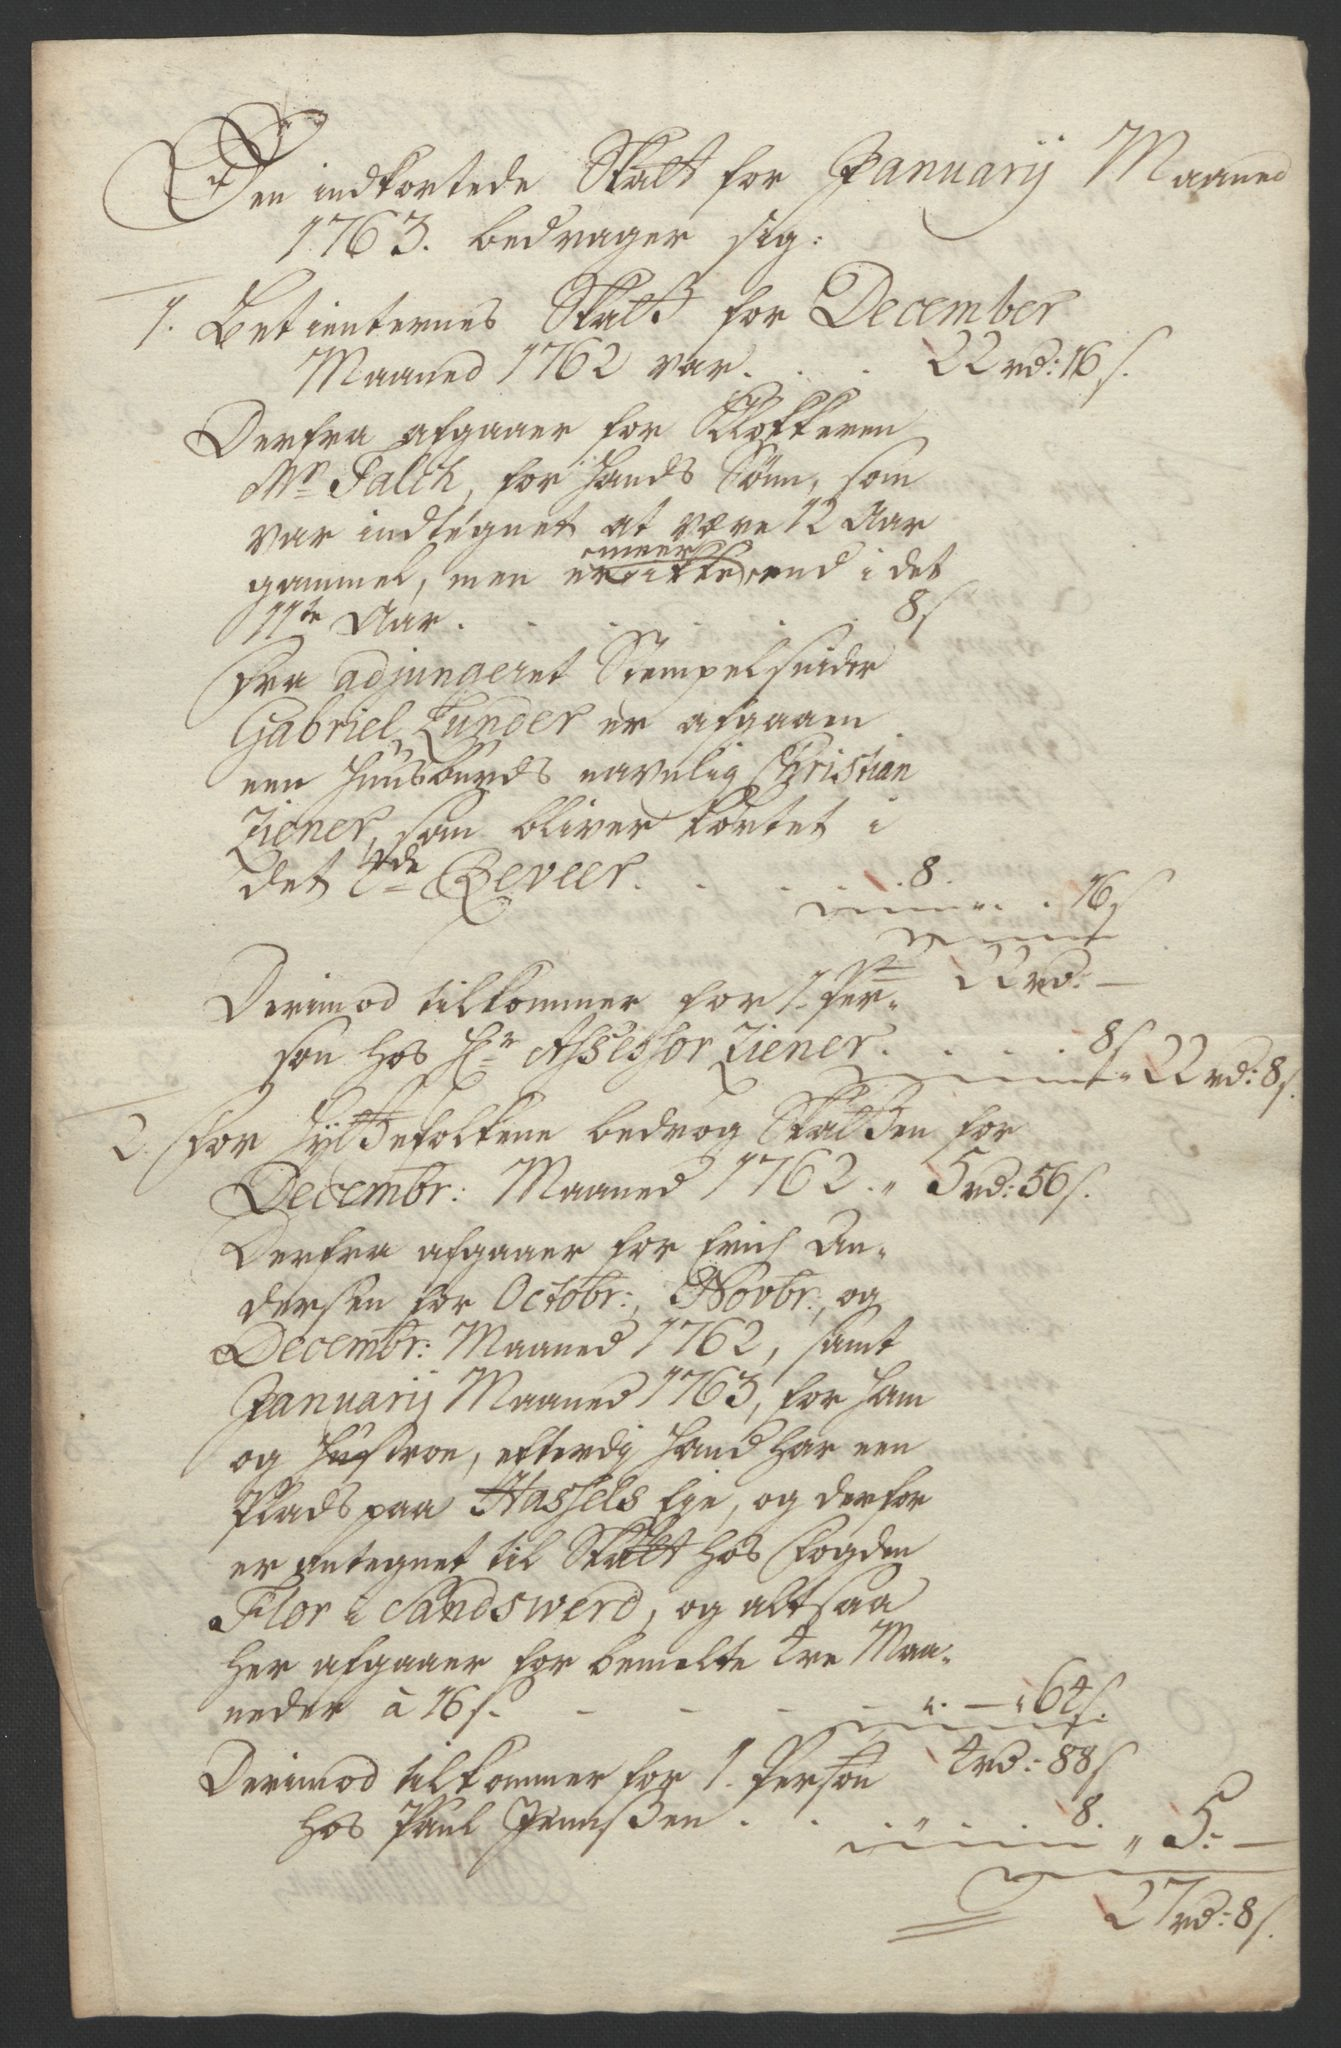 RA, Rentekammeret inntil 1814, Reviderte regnskaper, Bergverksregnskaper, R/Rc/Rca/L0843: Ekstraskatt, 1762-1765, s. 228